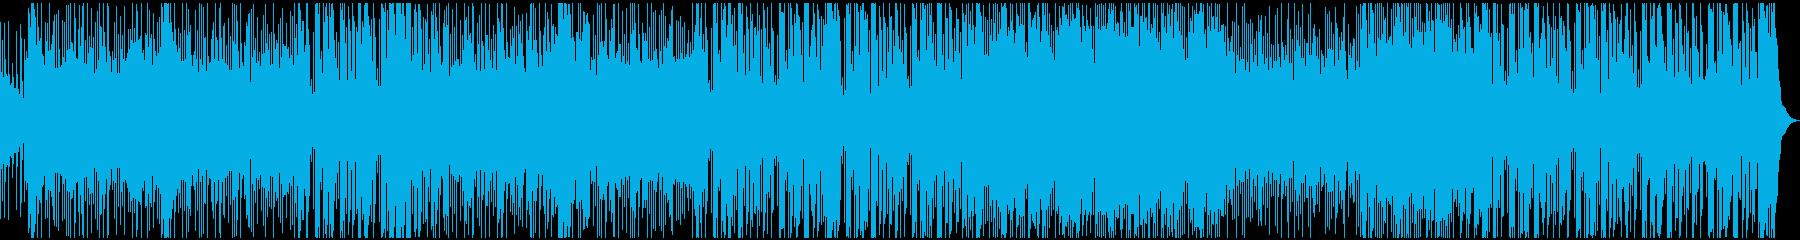 ミッドテンポのエレクトロニックビー...の再生済みの波形